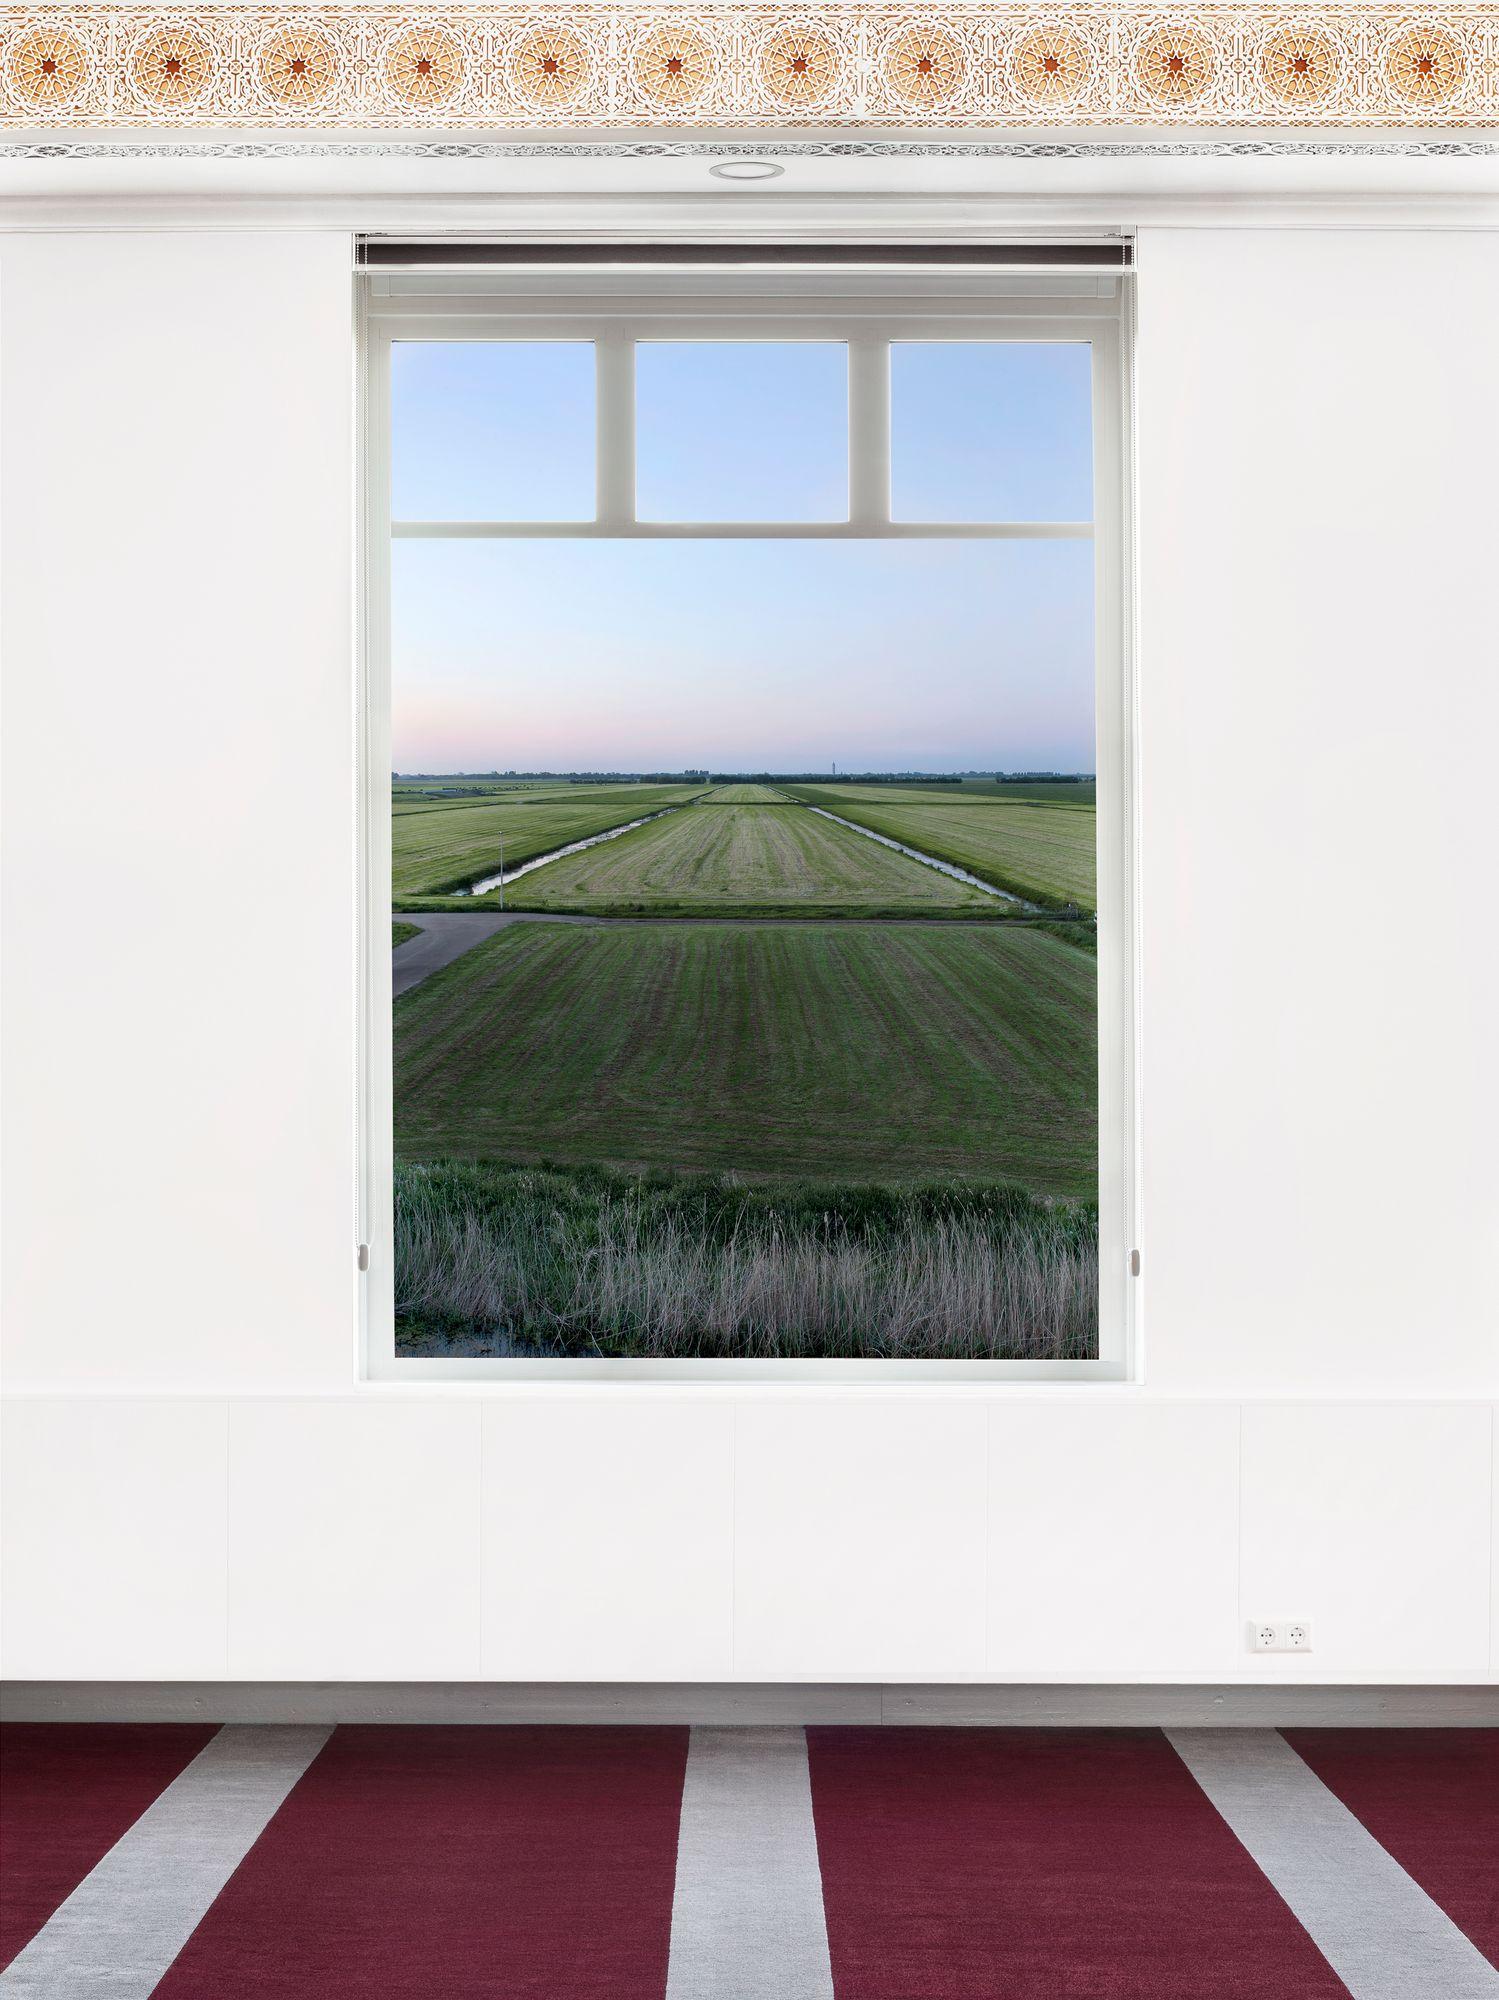 New Dutch Views - Photographs by Marwan Bassiouni